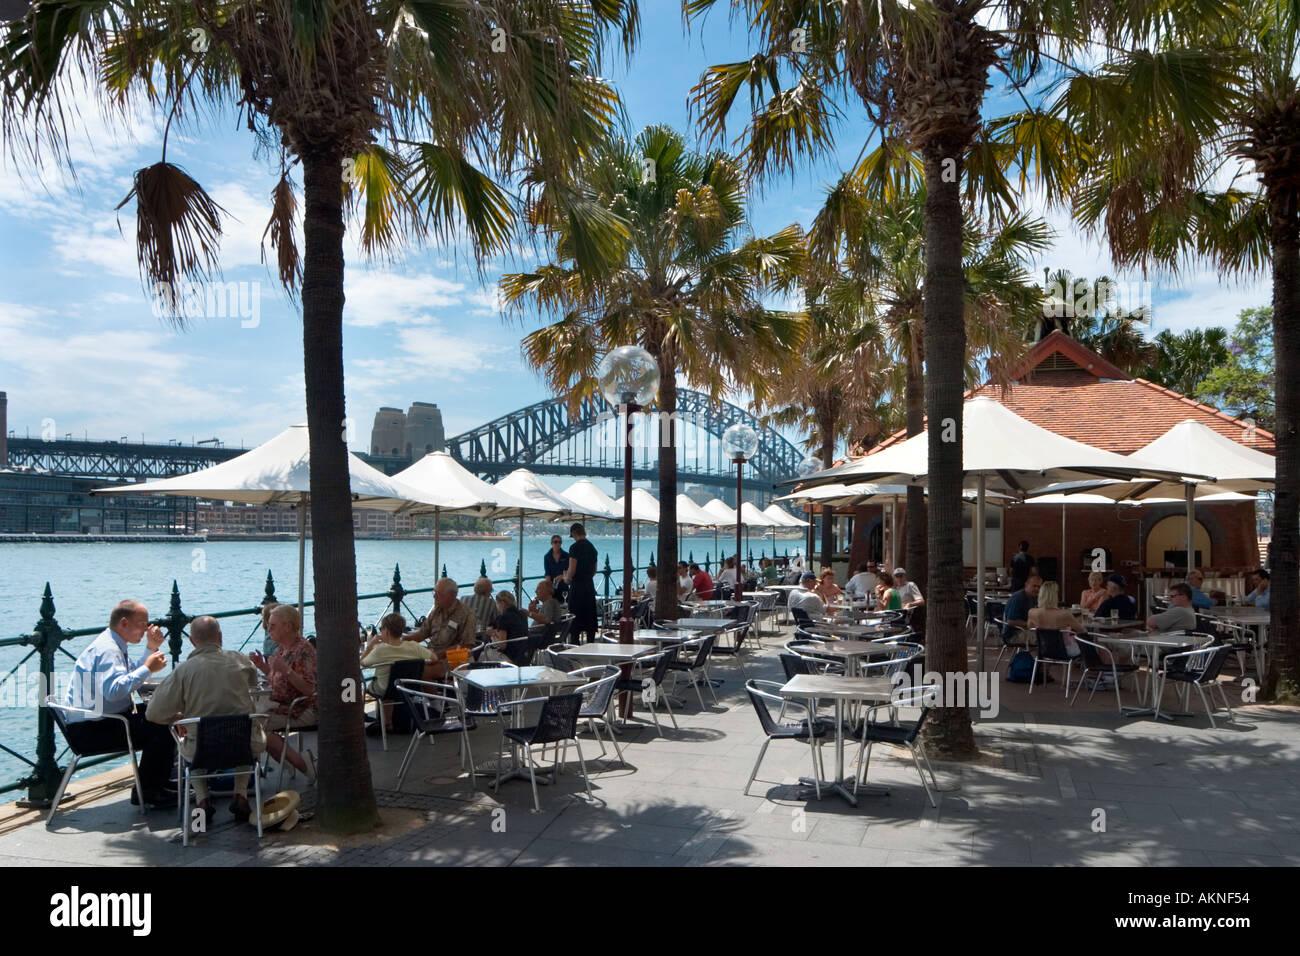 Cafe de la chaussée à Circular Quay avec le Harbour Bridge derrière, Sydney, New South Wales, Australia Photo Stock